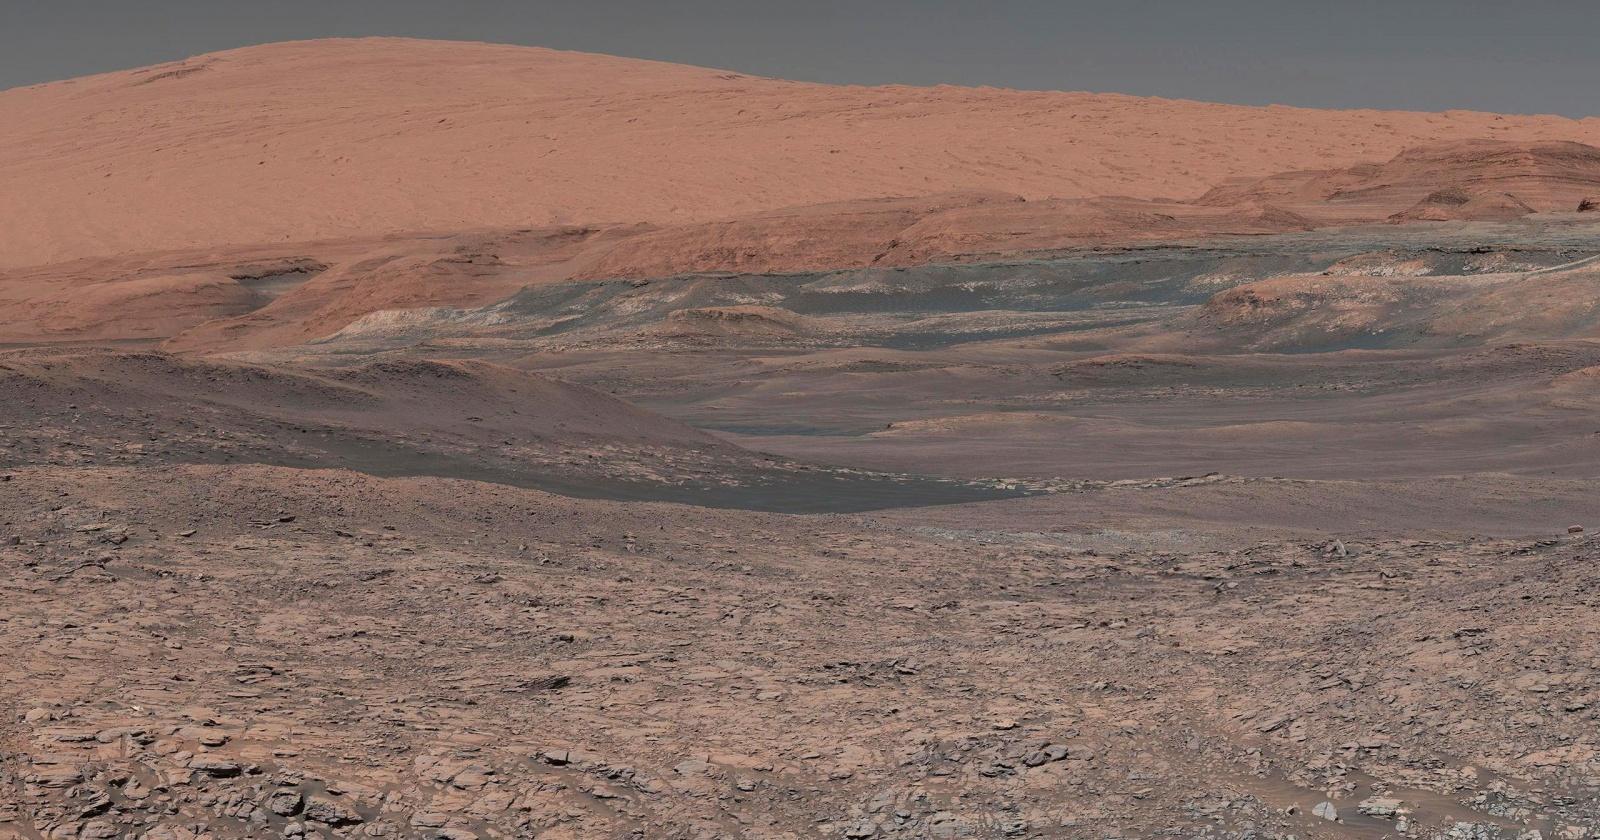 Соленое озеро обнаружено на Марсе